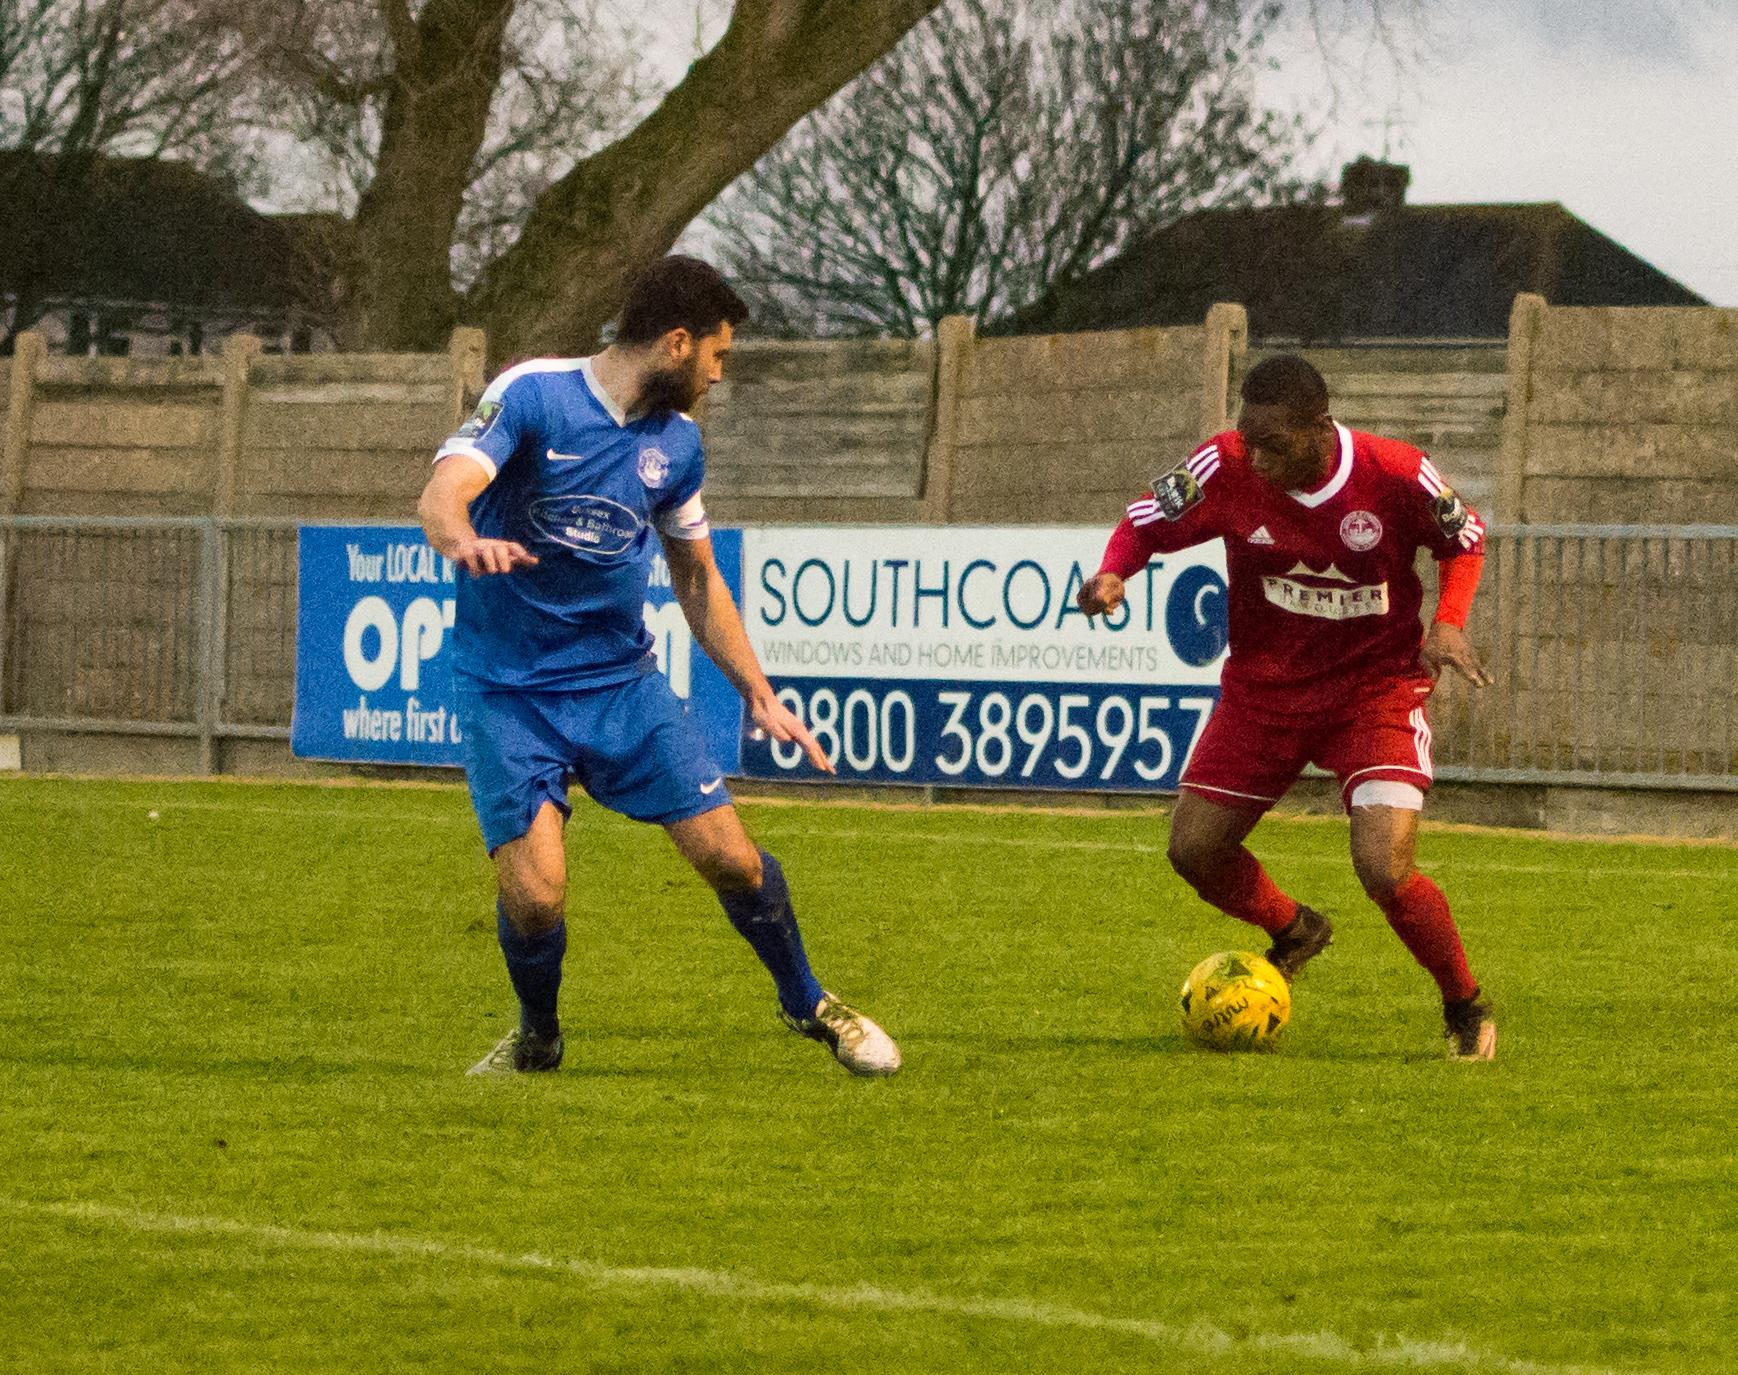 Shoreham FC vs Hythe Town 11.11.17 74